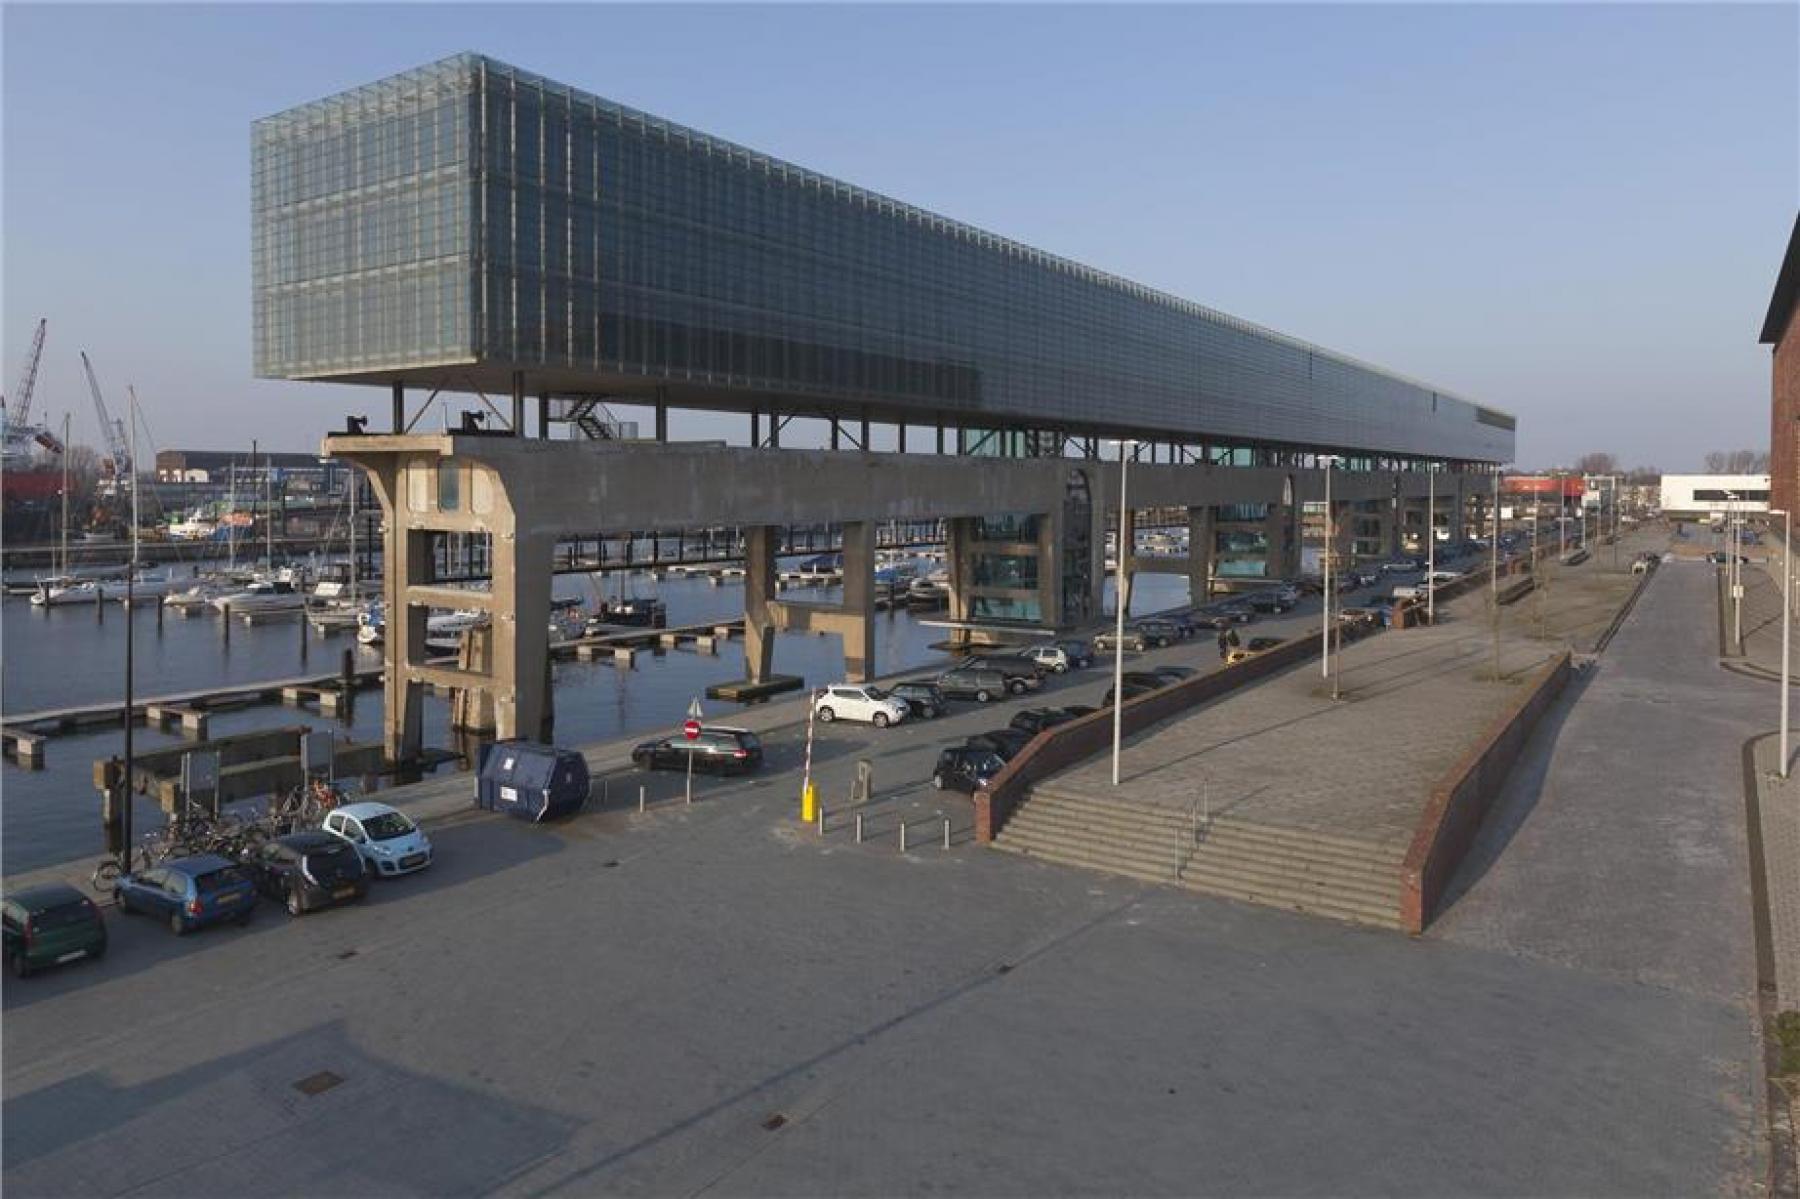 kantoorpand amsterdam parkeerruimte het ij